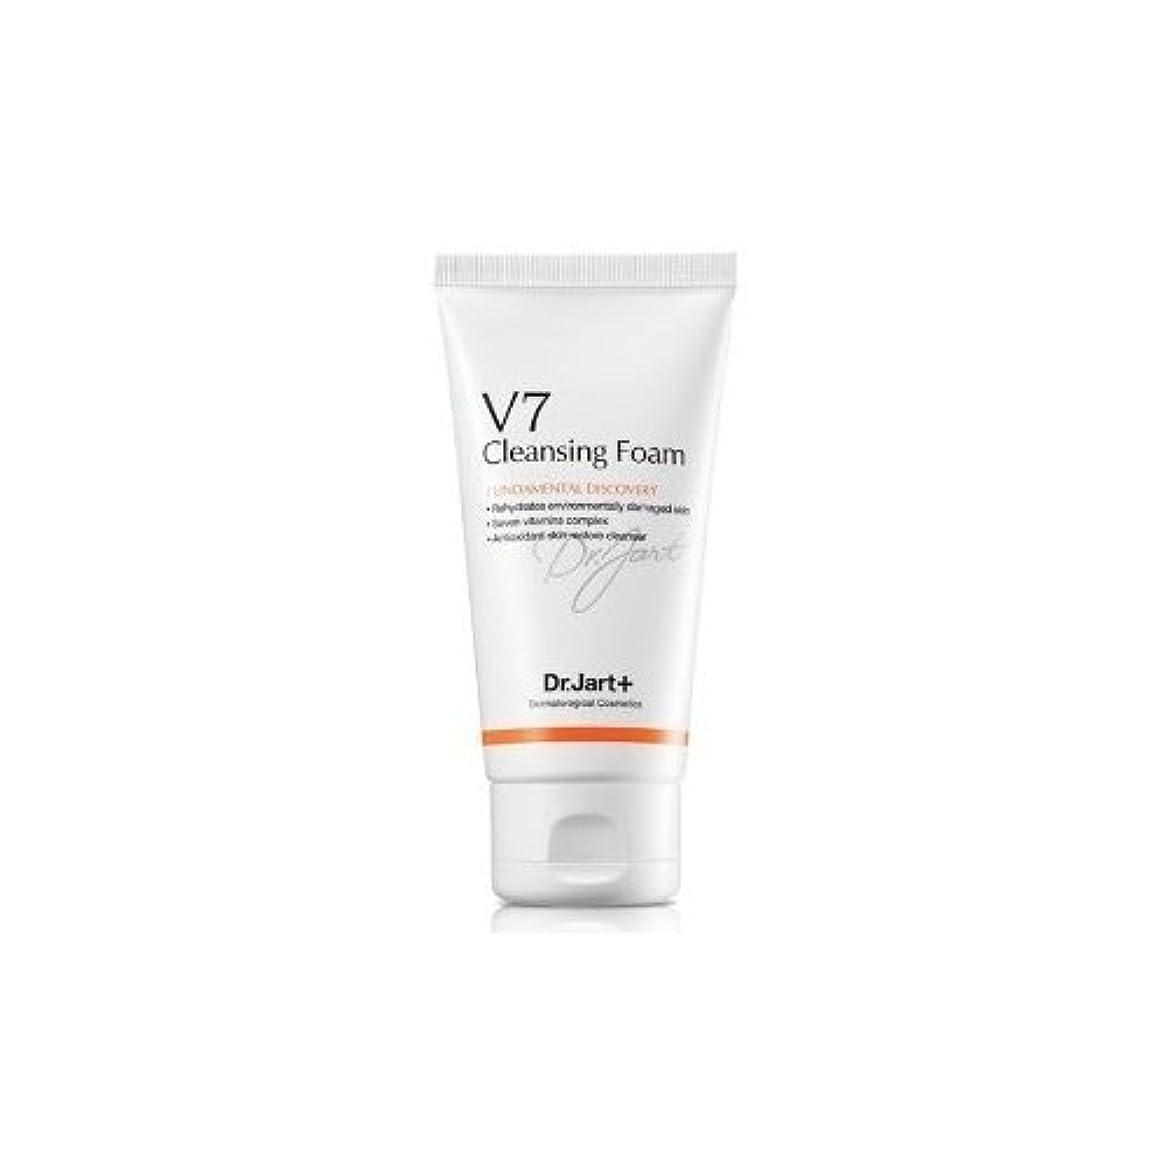 起きている茎贈り物Dr. Jart V7 Cleansing Foam-3.4 oz.